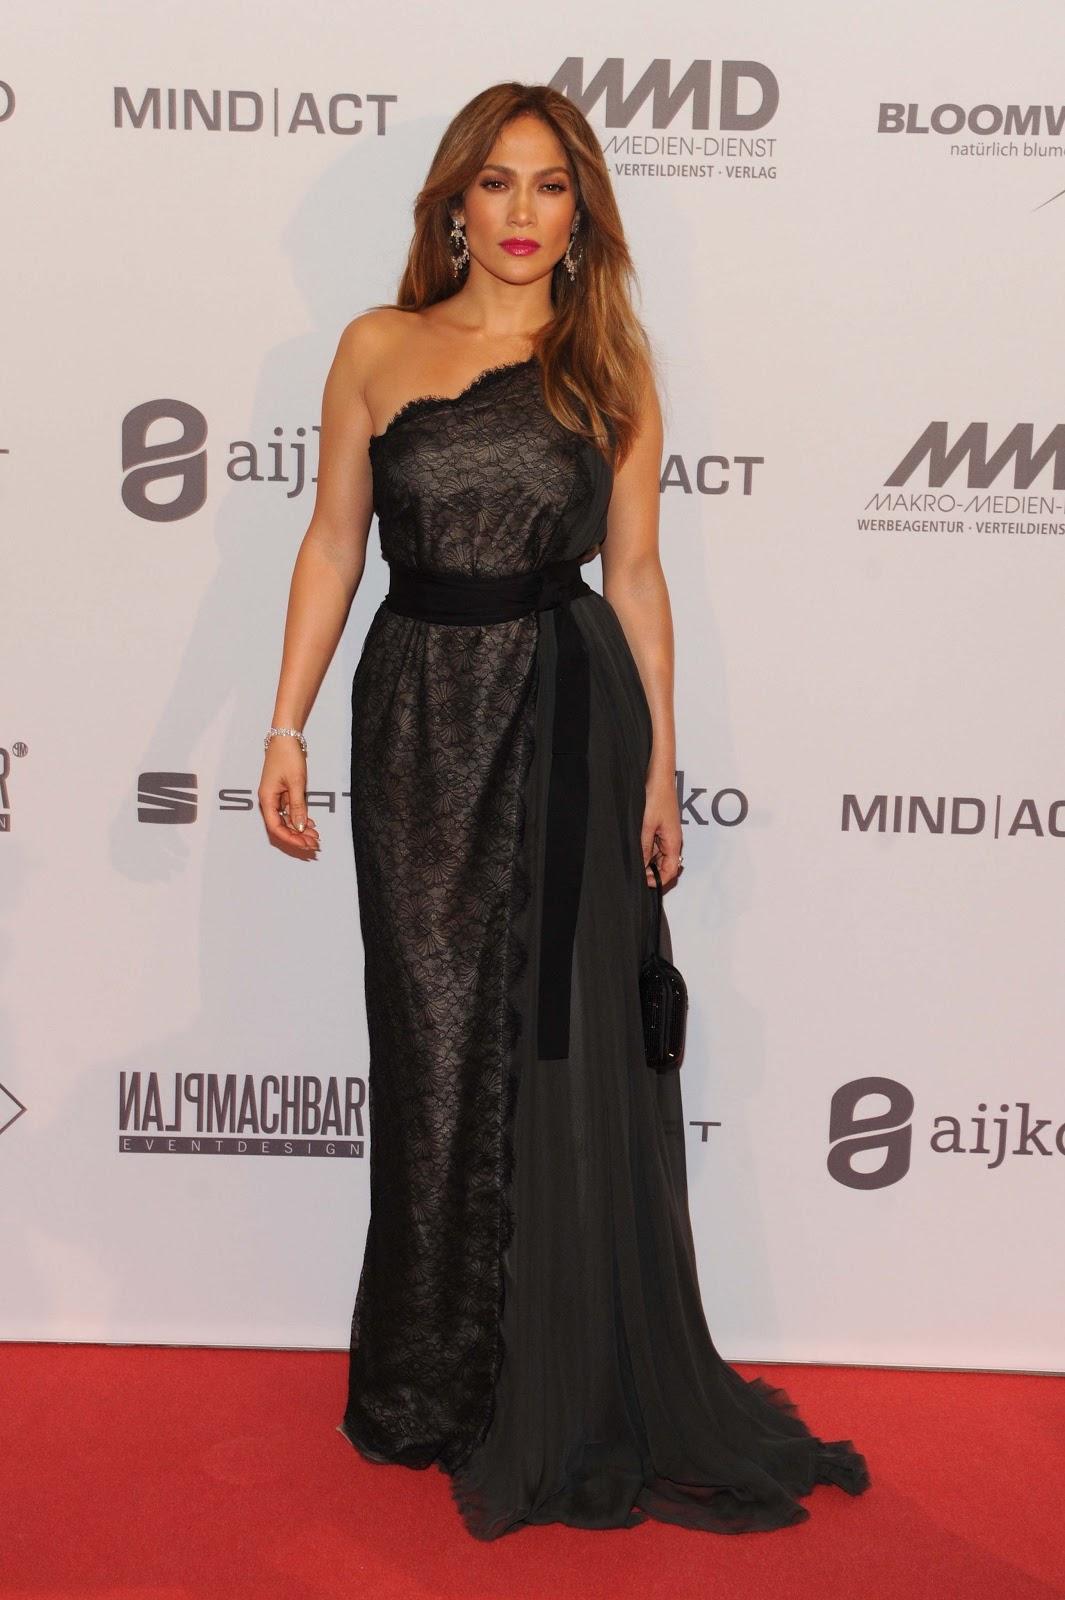 http://3.bp.blogspot.com/-N0pCl9uPD6w/UIzCx-C_A3I/AAAAAAAAWvc/byuwF4FAkuU/s1600/Jennifer+Lopez++attends+2012+UNESCO+Charity+Gala+2012+in+D%C3%BCsseldorf+October_27_2012+-0+2.jpg